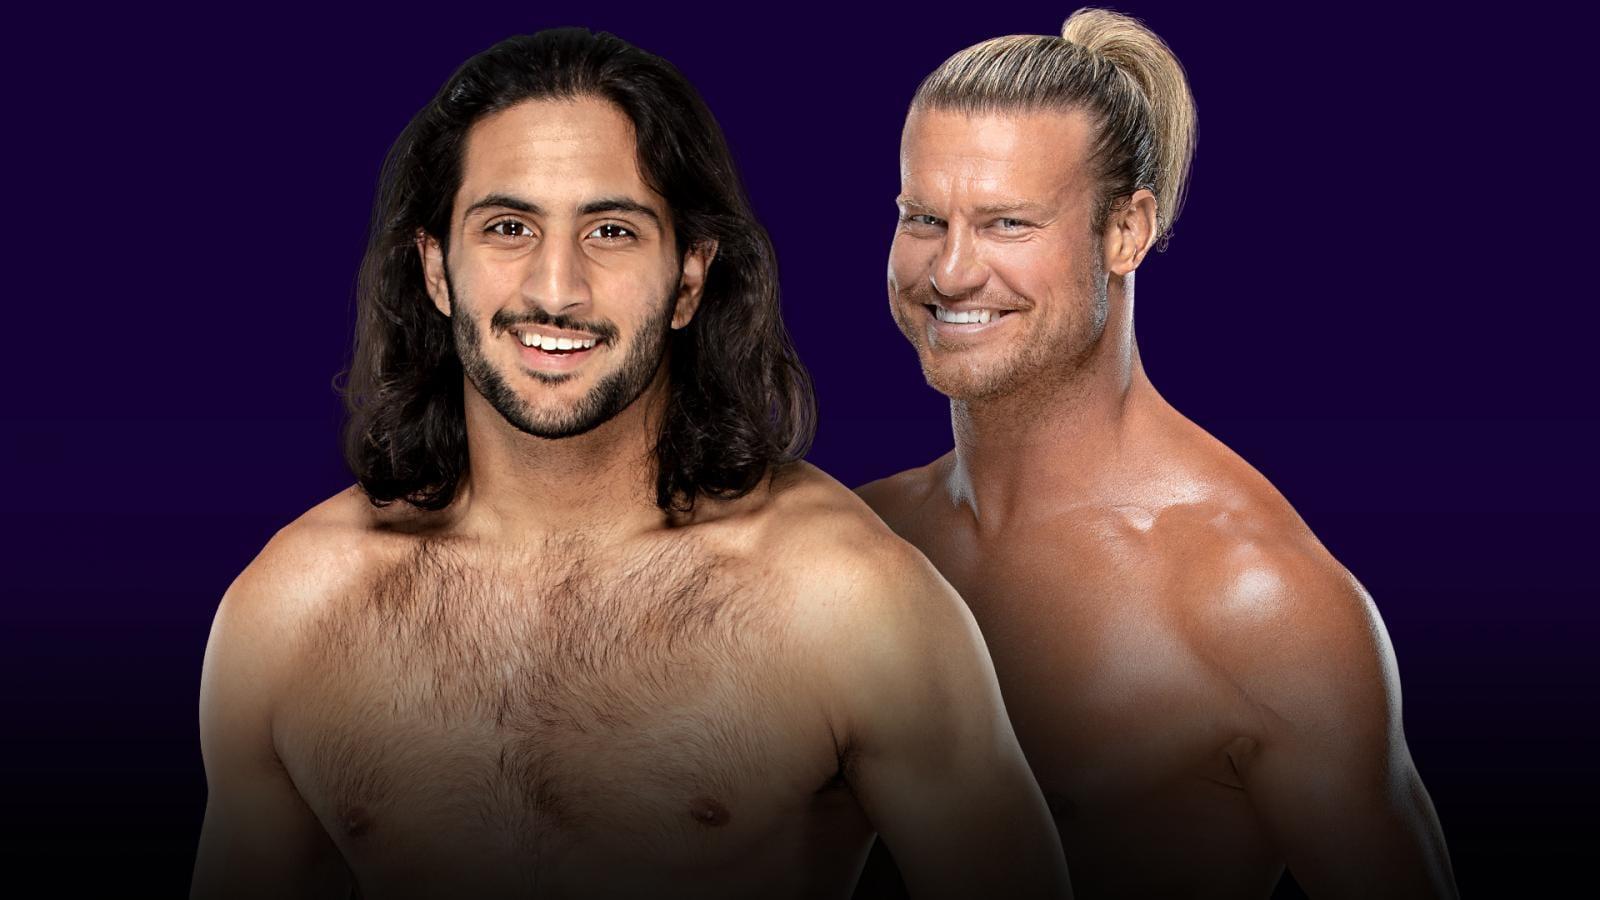 Mansoor vs Dolph Ziggler - WWE Super ShowDown 2020